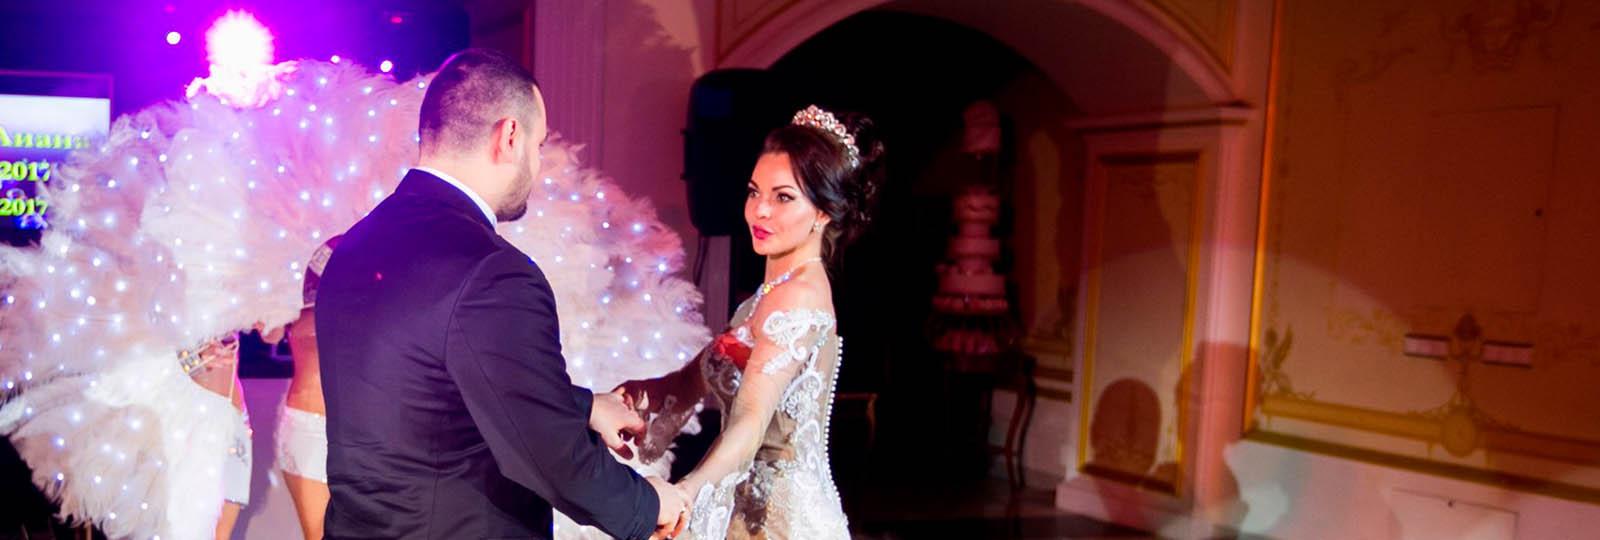 Сопровождение свадебного танца | Шоу-балет Exotic Art в Санкт-Петербурге